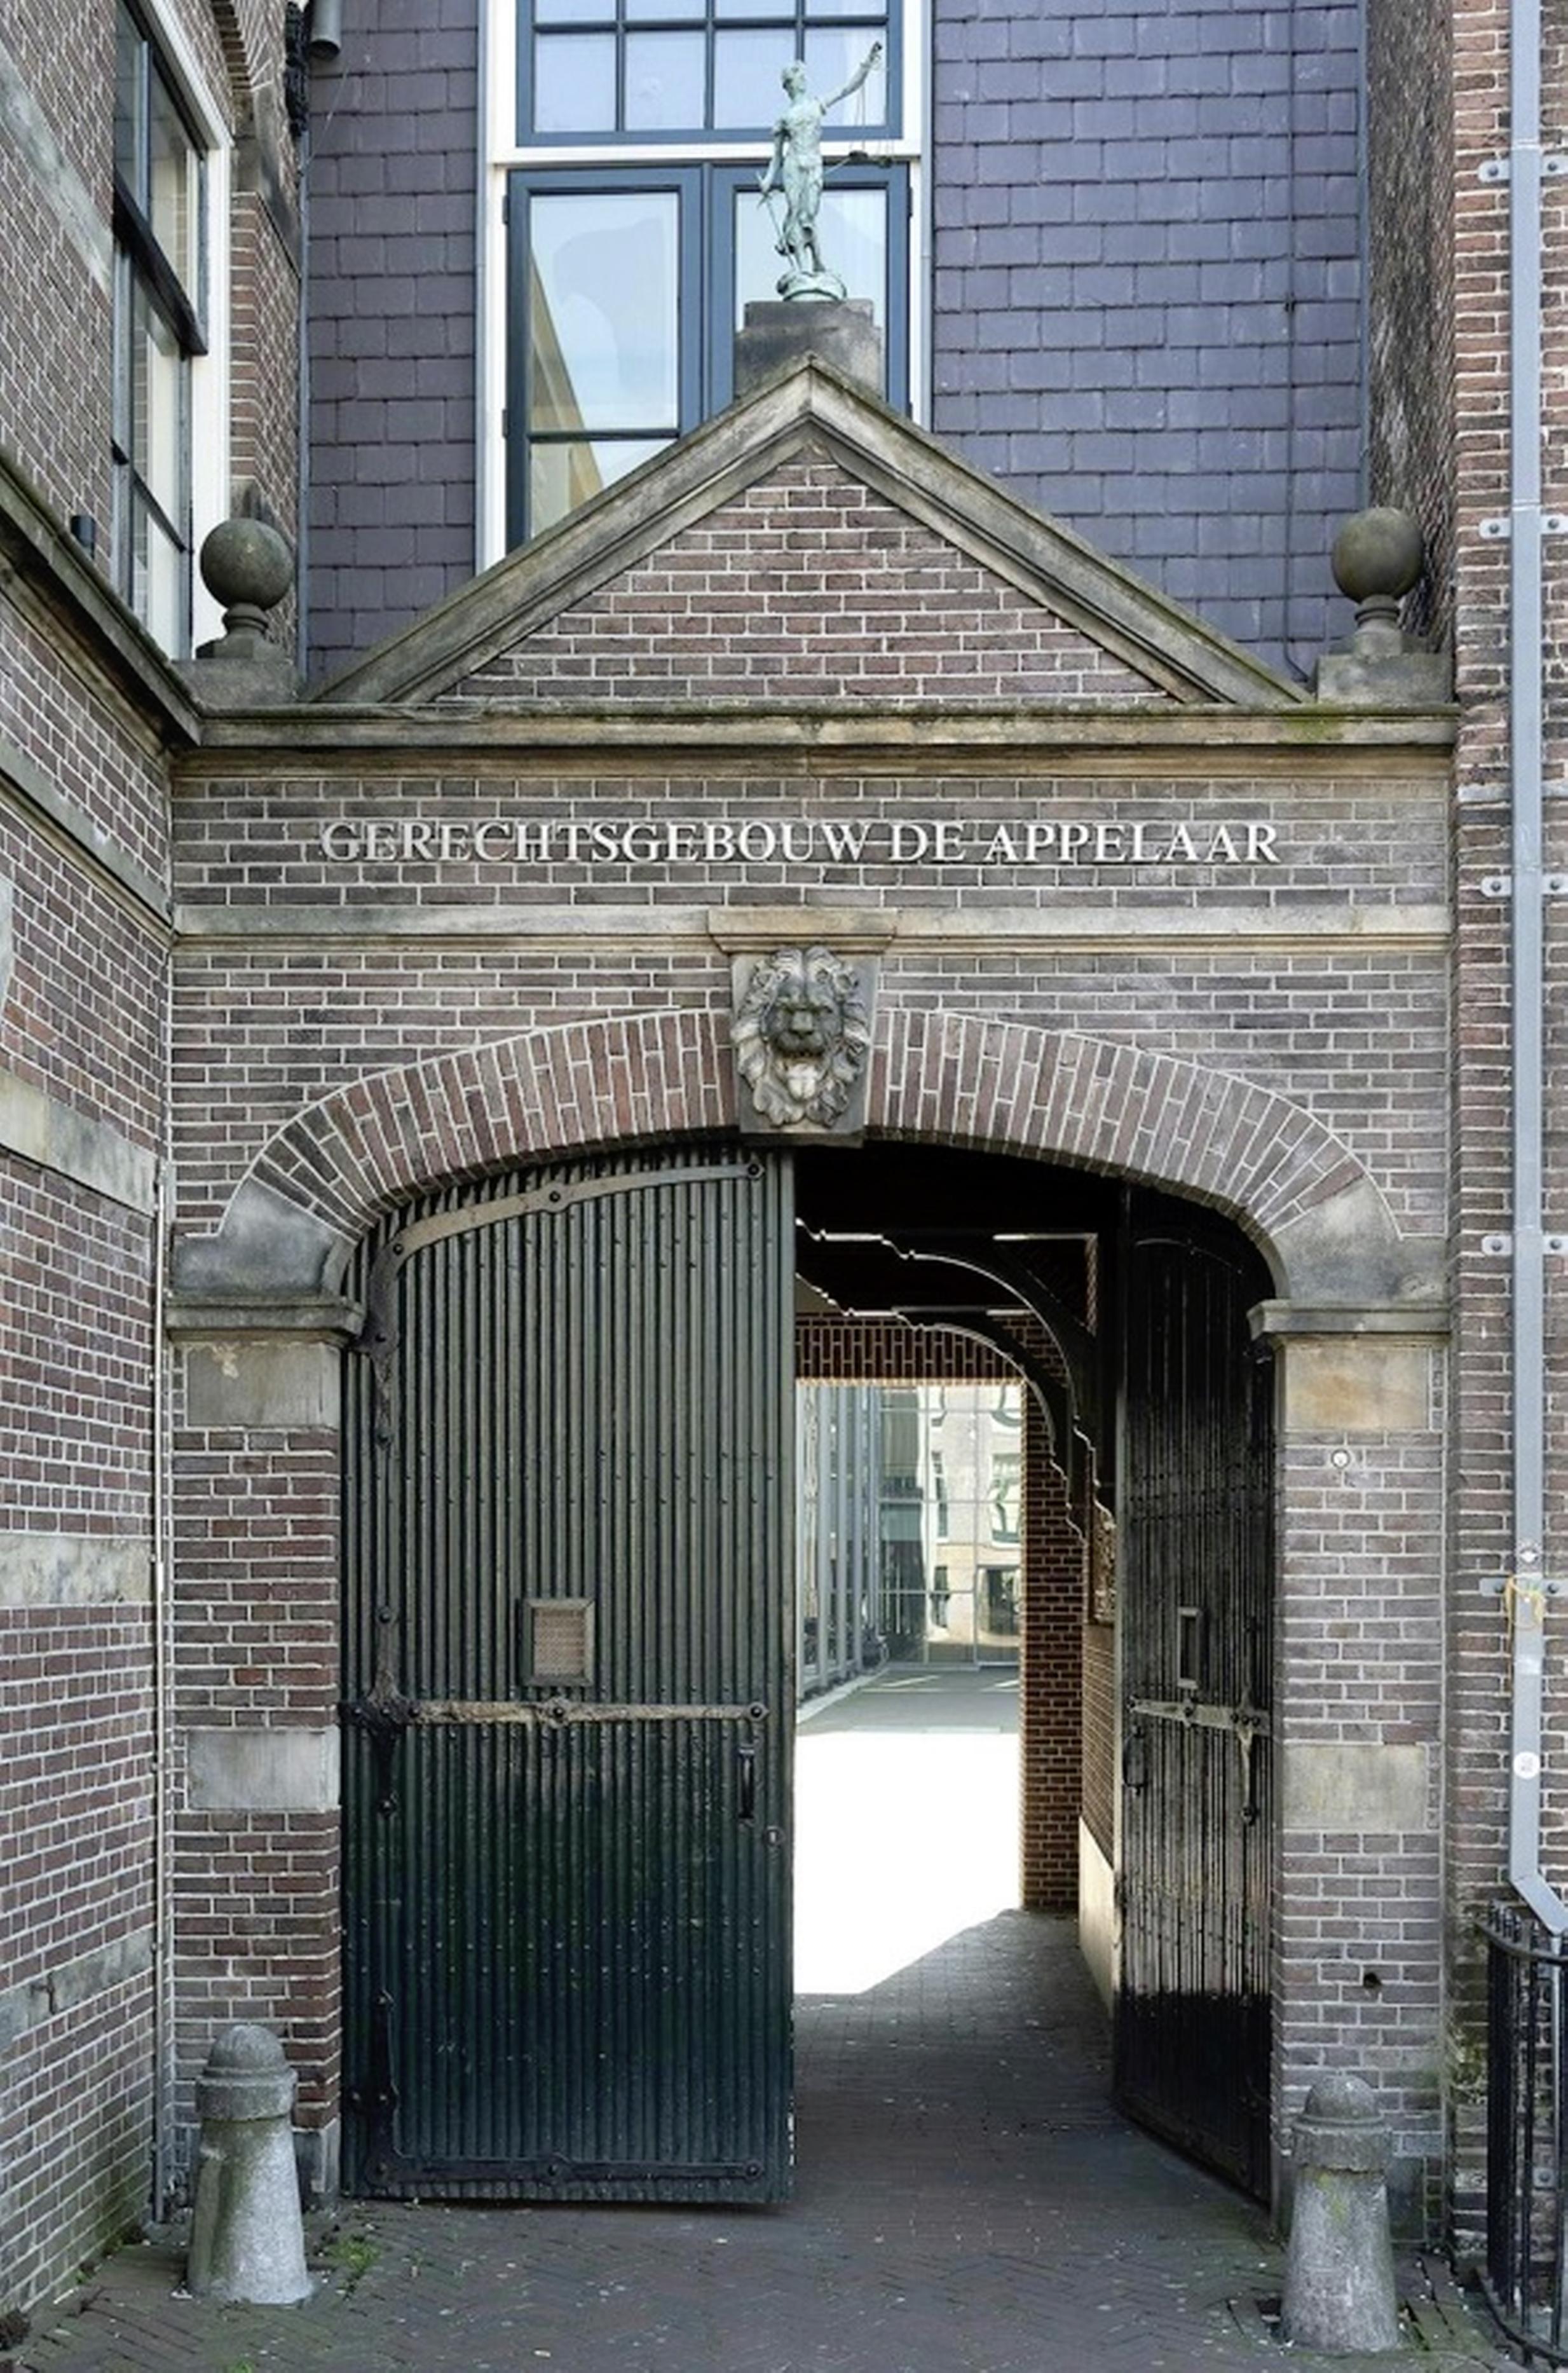 Haarlemmer (65) vrijgesproken van verkrachting jonge buurvrouw, onvoldoende bewijs voor veroordeling